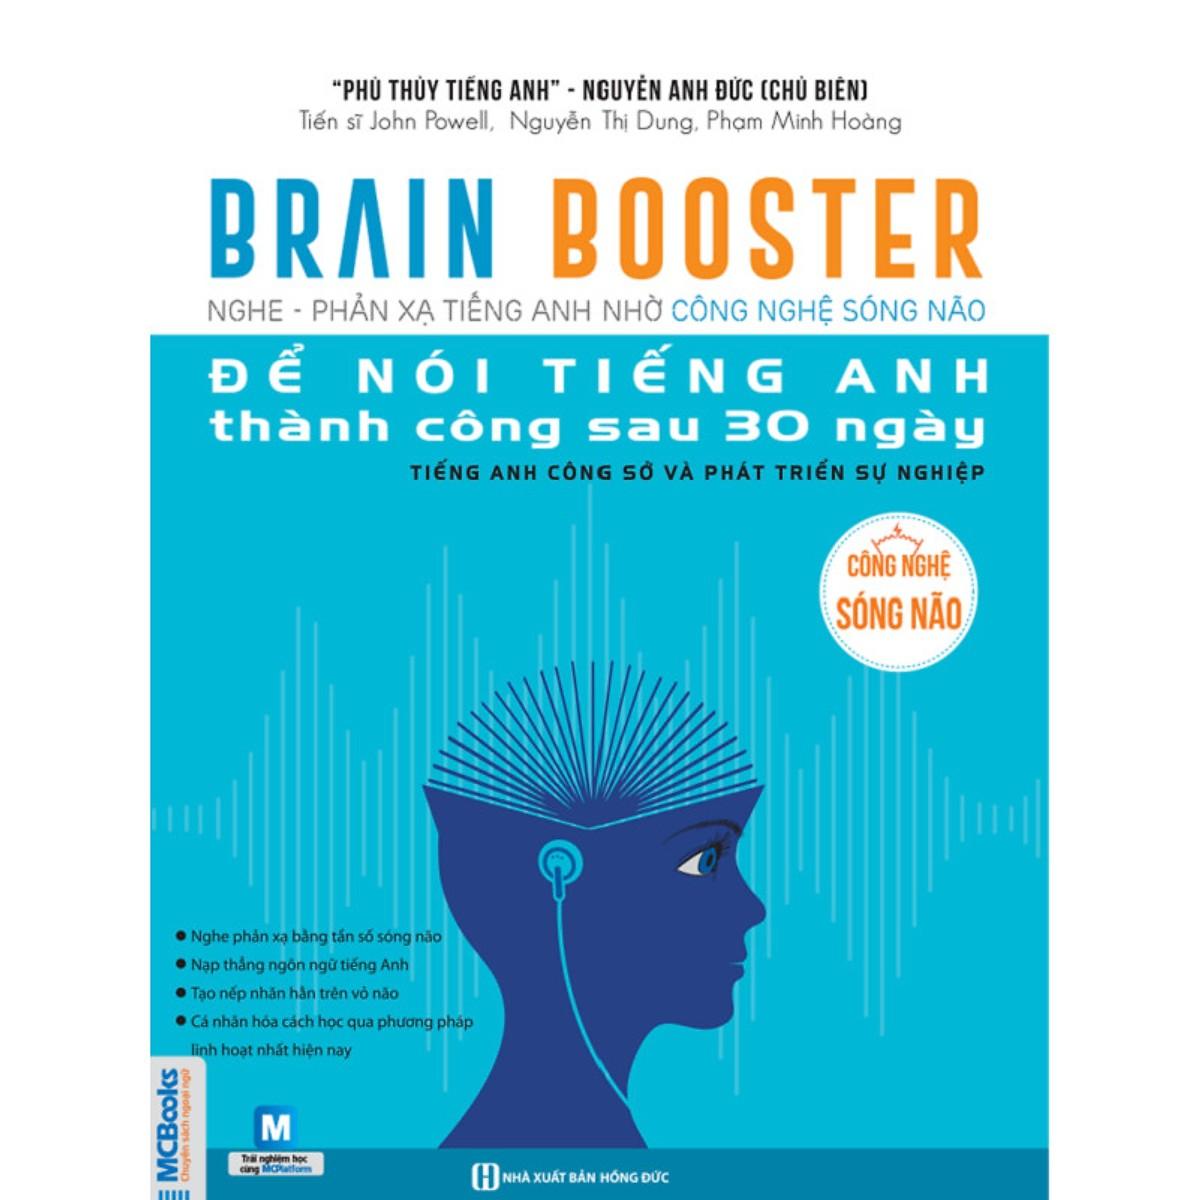 Brain Booster - Nghe Phản Xạ Tiếng Anh Nhờ Công Nghệ Sóng Não - Tiếng Anh Phát Triển Sự Nghiệp (Học Kèm App MCBooks... - 15700650 , 1734216400598 , 62_29807801 , 299000 , Brain-Booster-Nghe-Phan-Xa-Tieng-Anh-Nho-Cong-Nghe-Song-Nao-Tieng-Anh-Phat-Trien-Su-Nghiep-Hoc-Kem-App-MCBooks...-62_29807801 , tiki.vn , Brain Booster - Nghe Phản Xạ Tiếng Anh Nhờ Công Nghệ Sóng Não